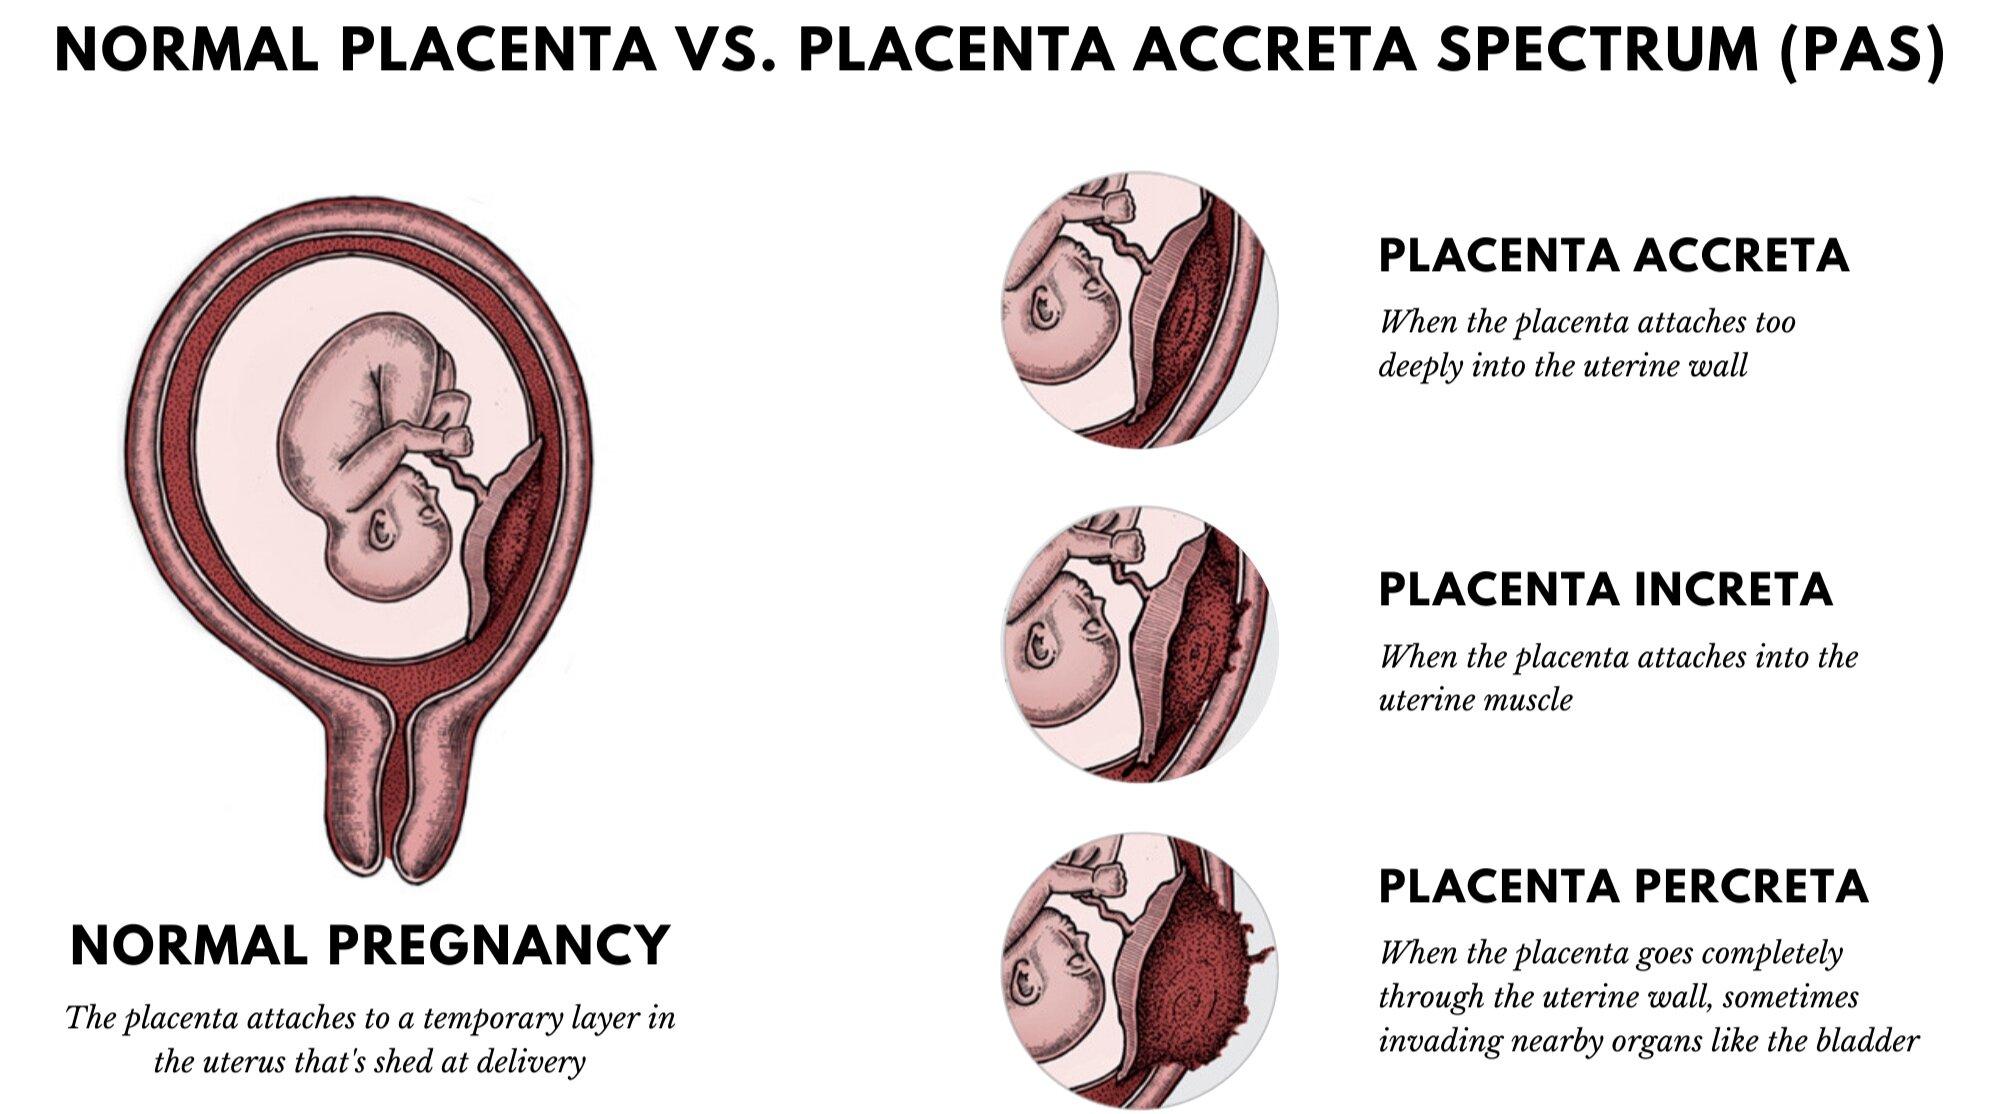 Placenta Accreta Spectrum | Placenta Increta | Placenta Percreta